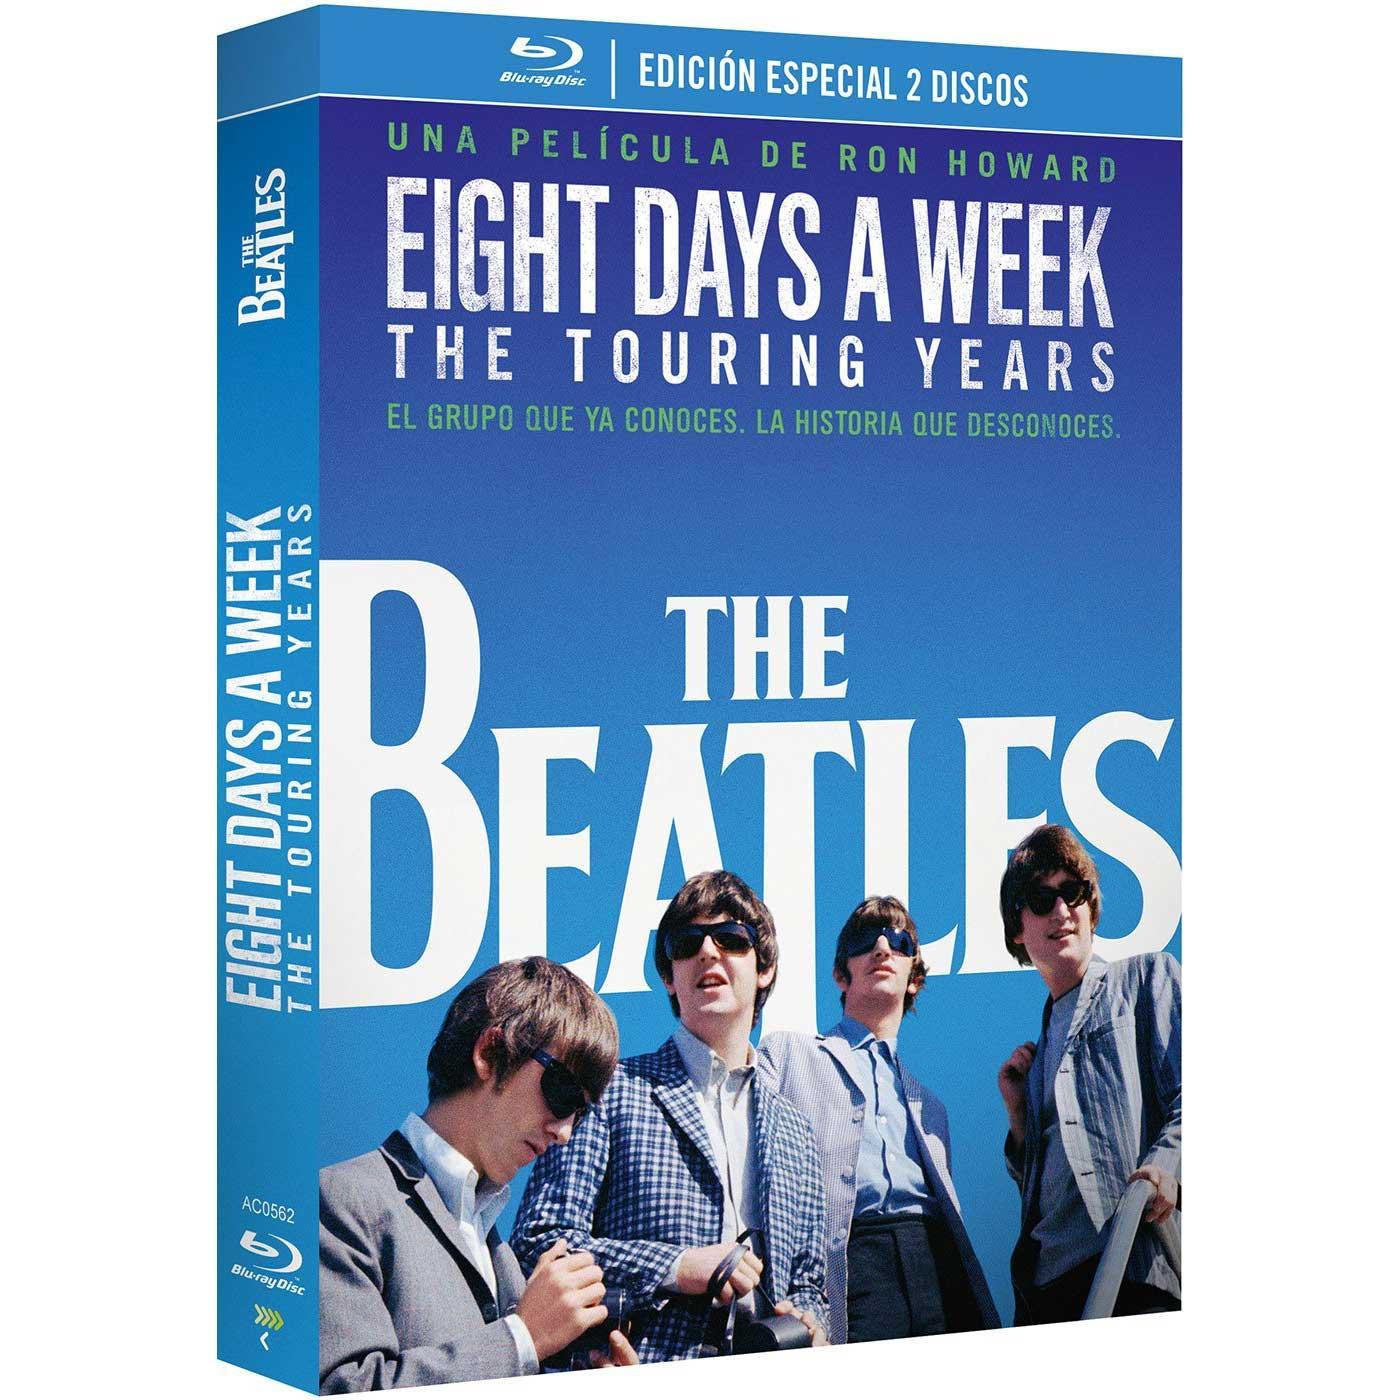 Edición Especial de The Beatles: Eight Days a Week. The Touring Years